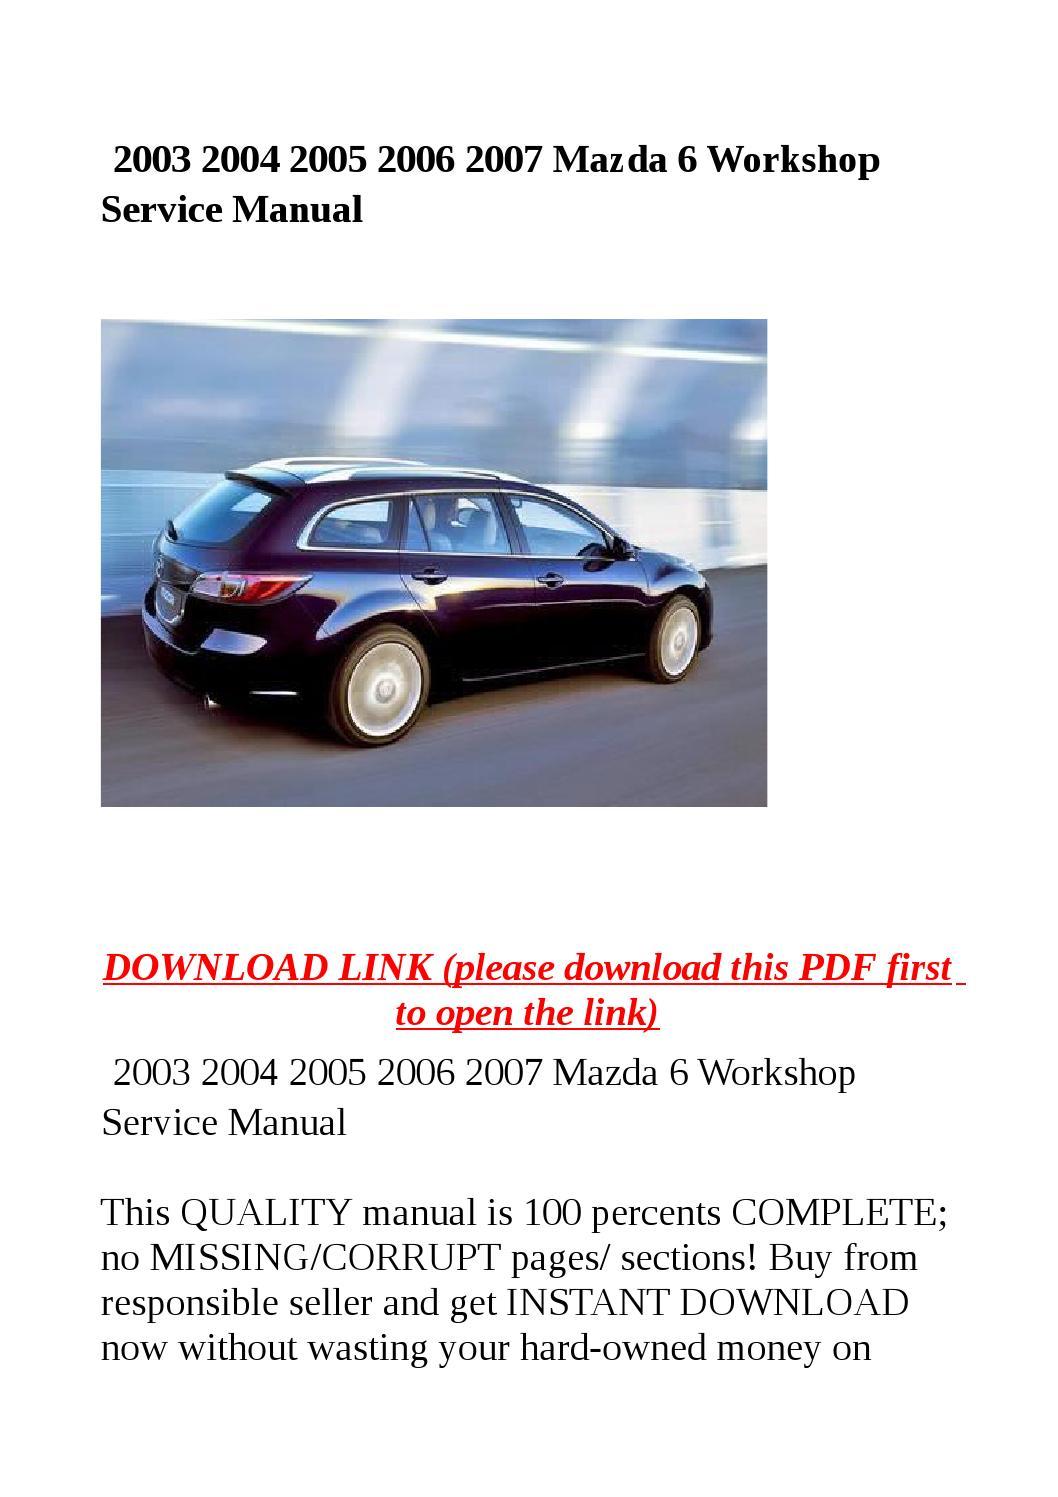 2005 mazda 3 repair manual pdf